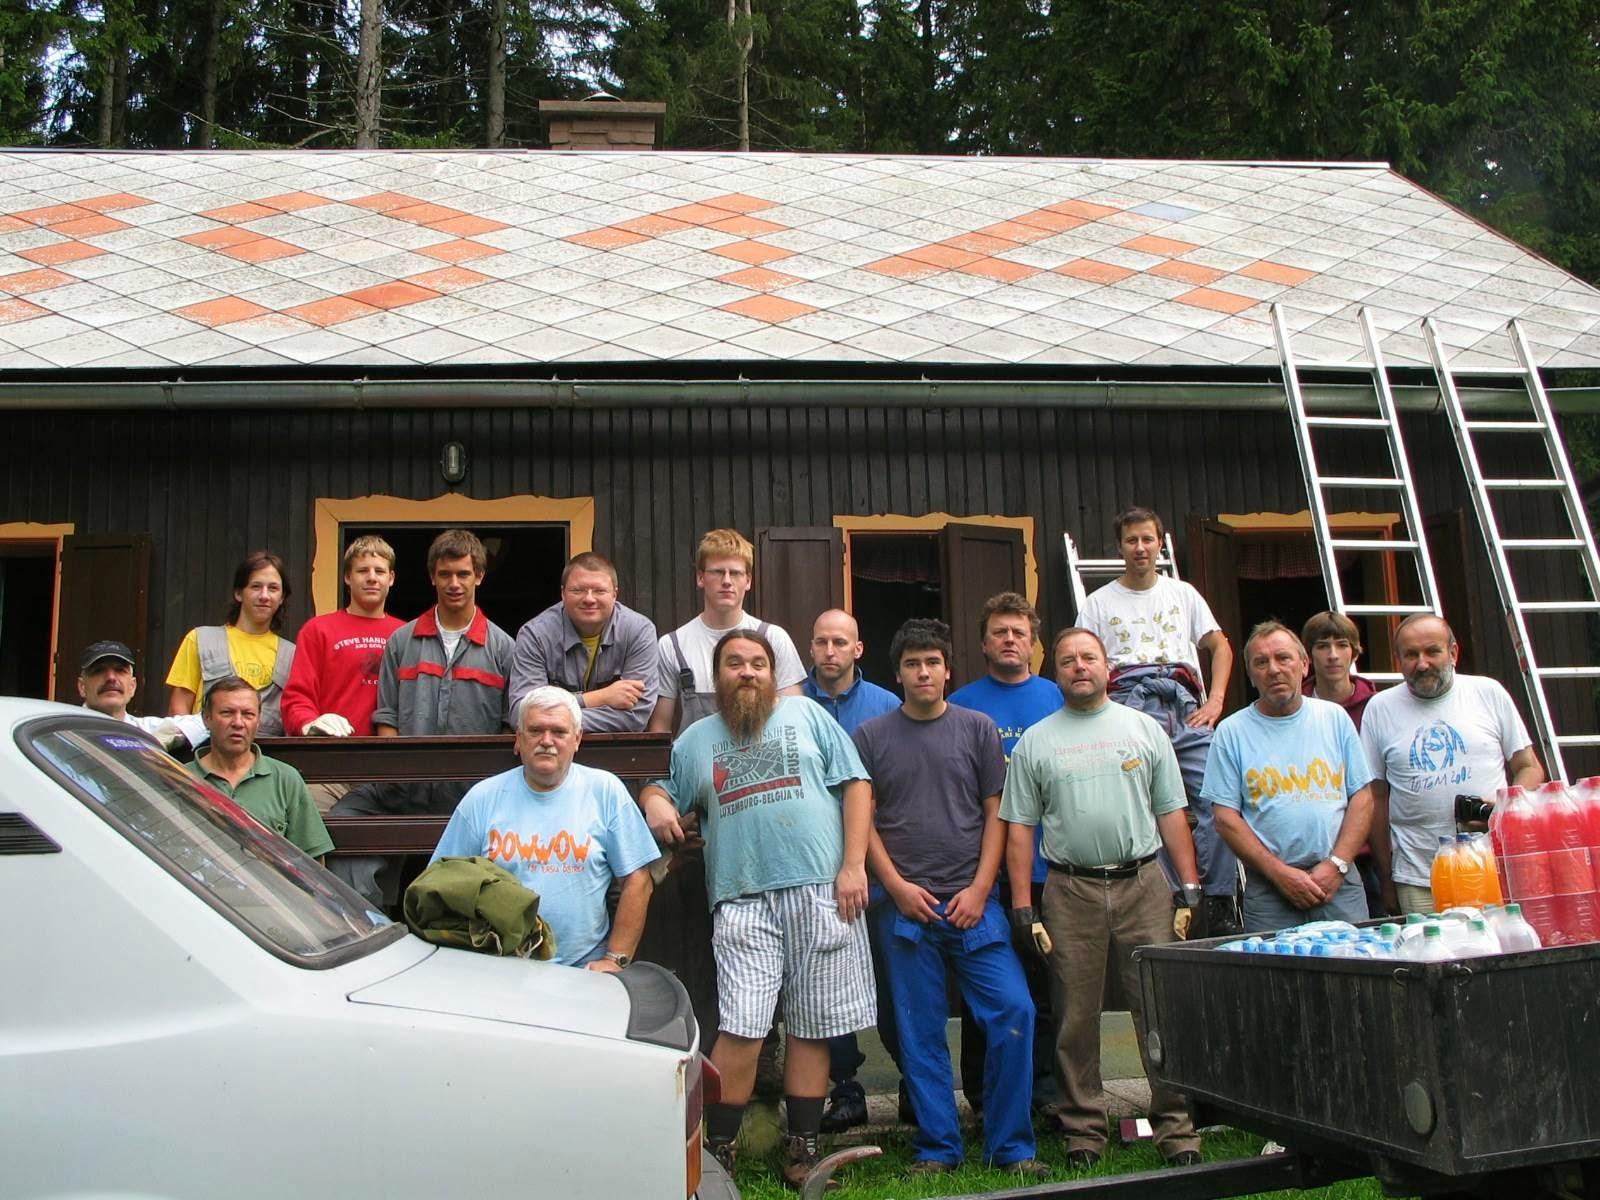 Delovna akcija - Streha, Črni dol 2006 - streha%2B017.jpg